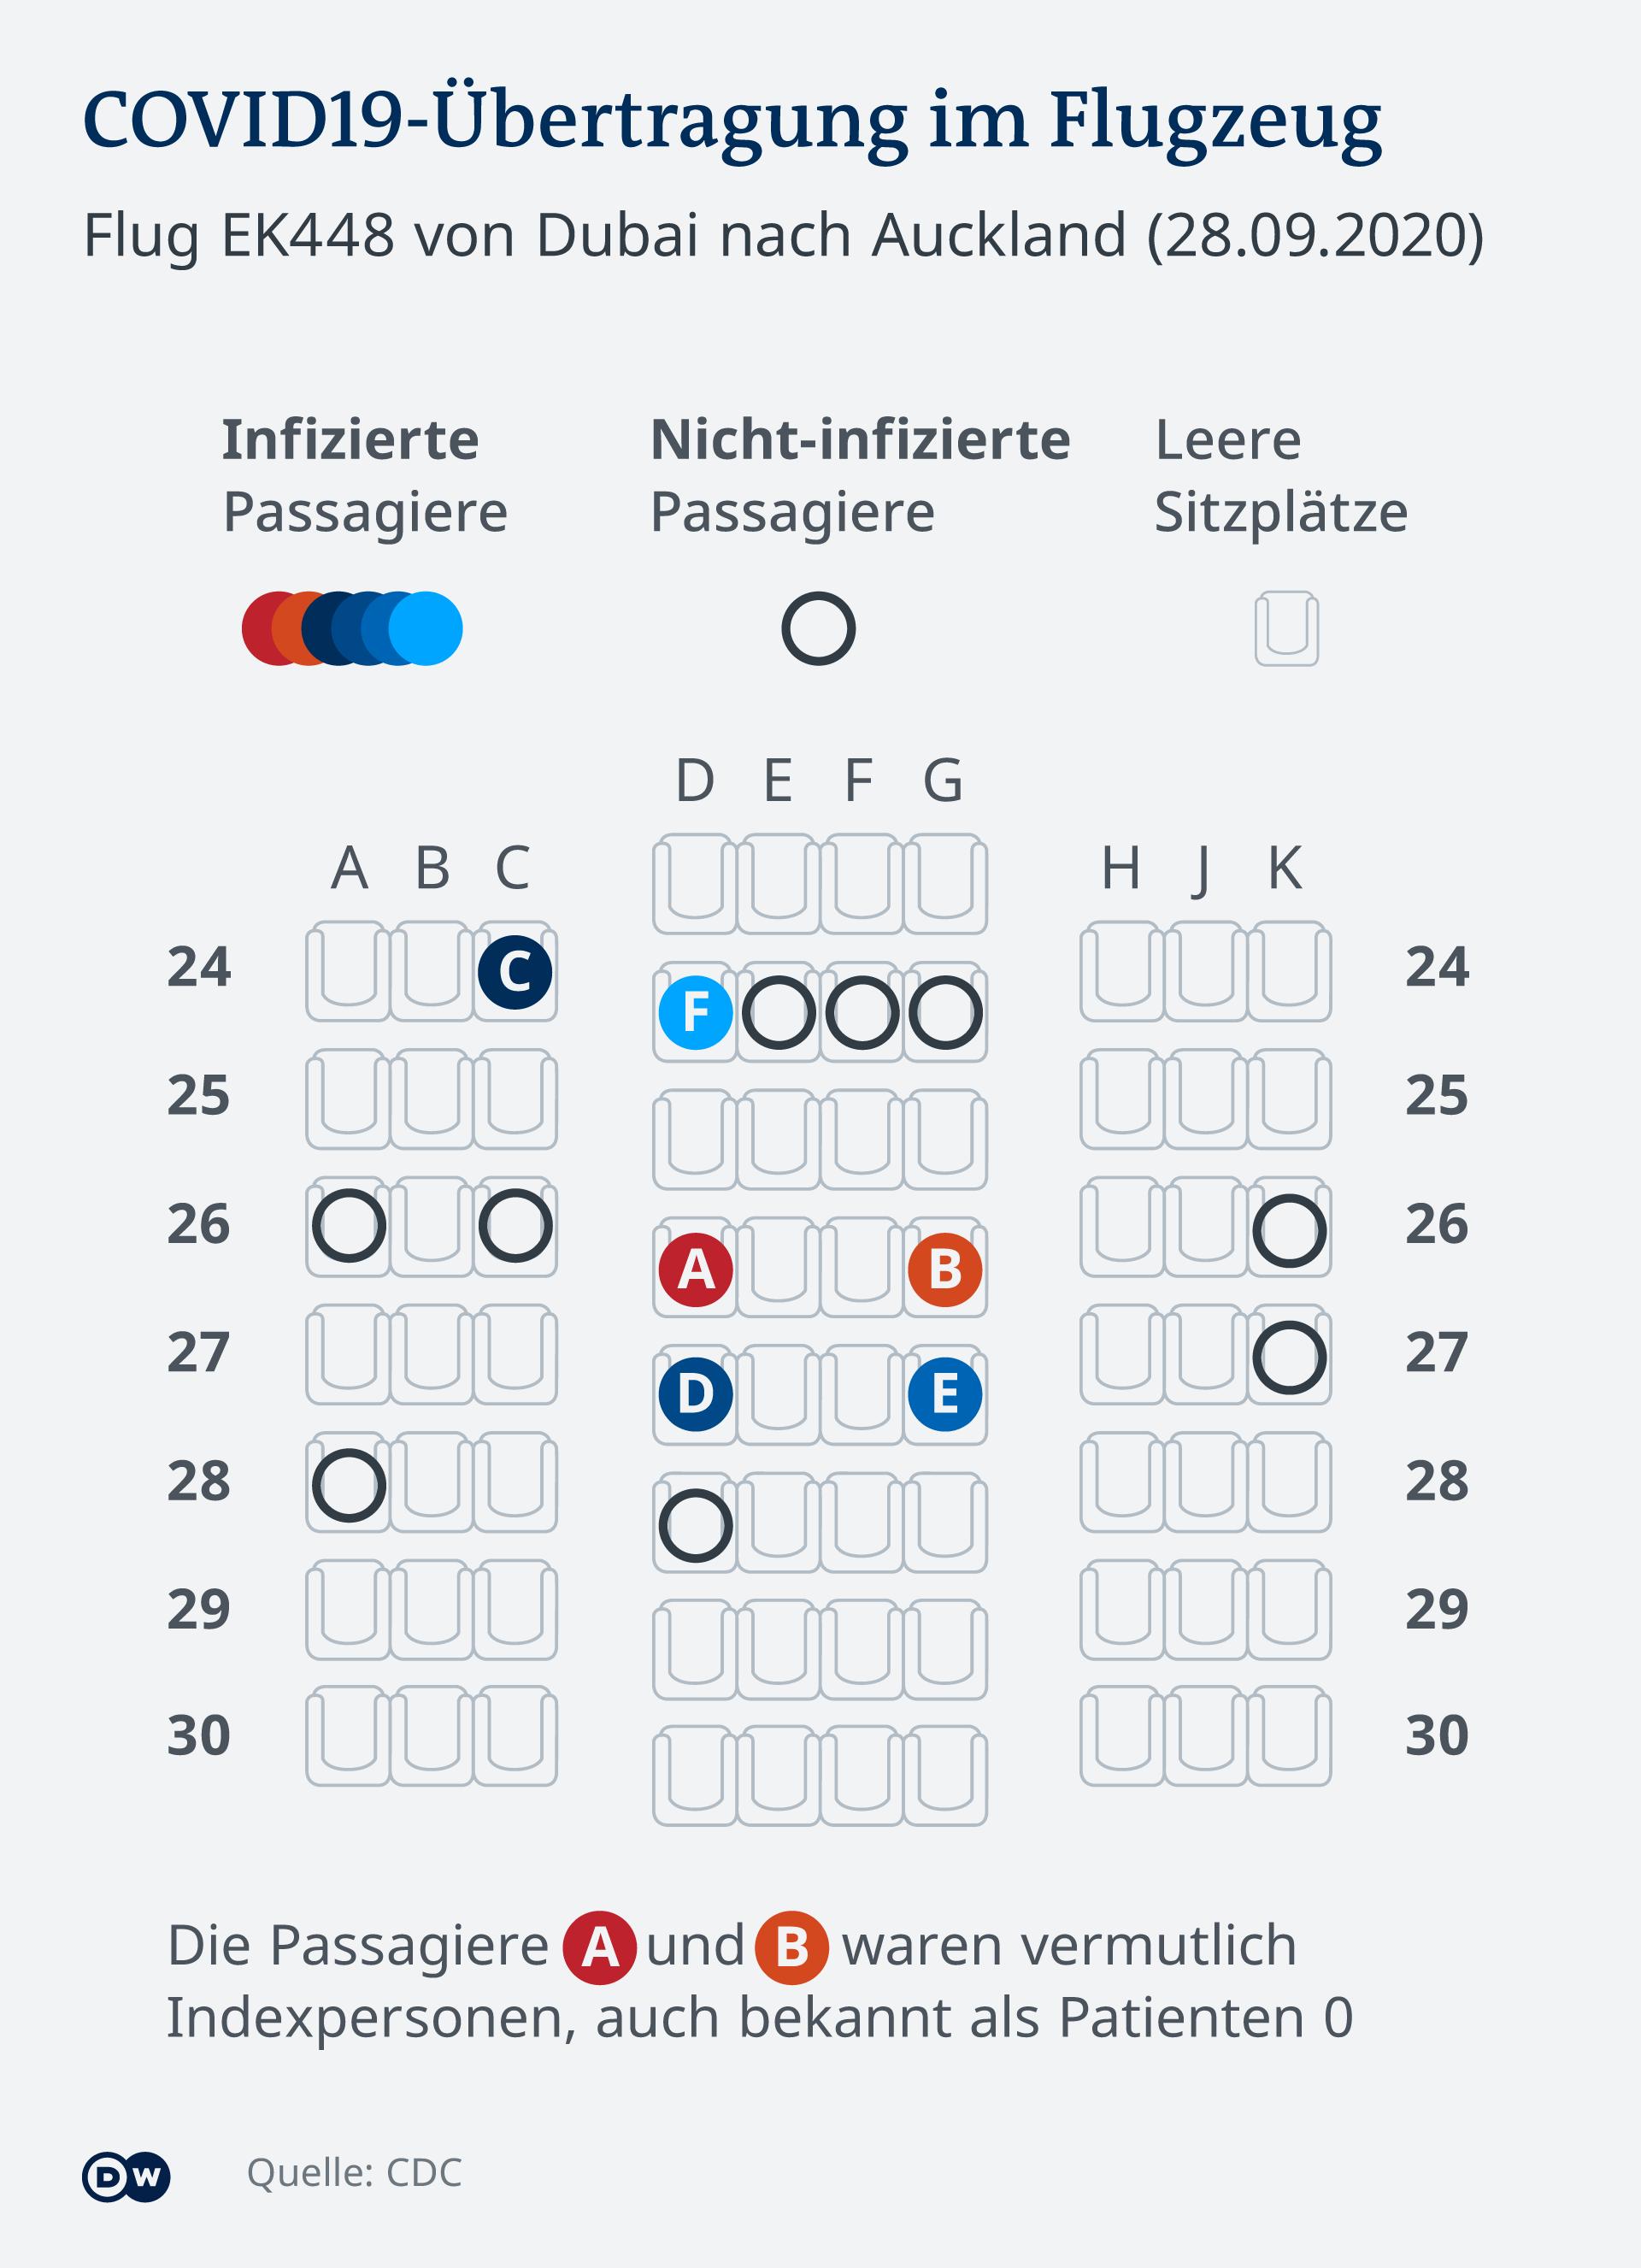 Infografik - COVID-19 Übertragung in einem Flugzeug - DE